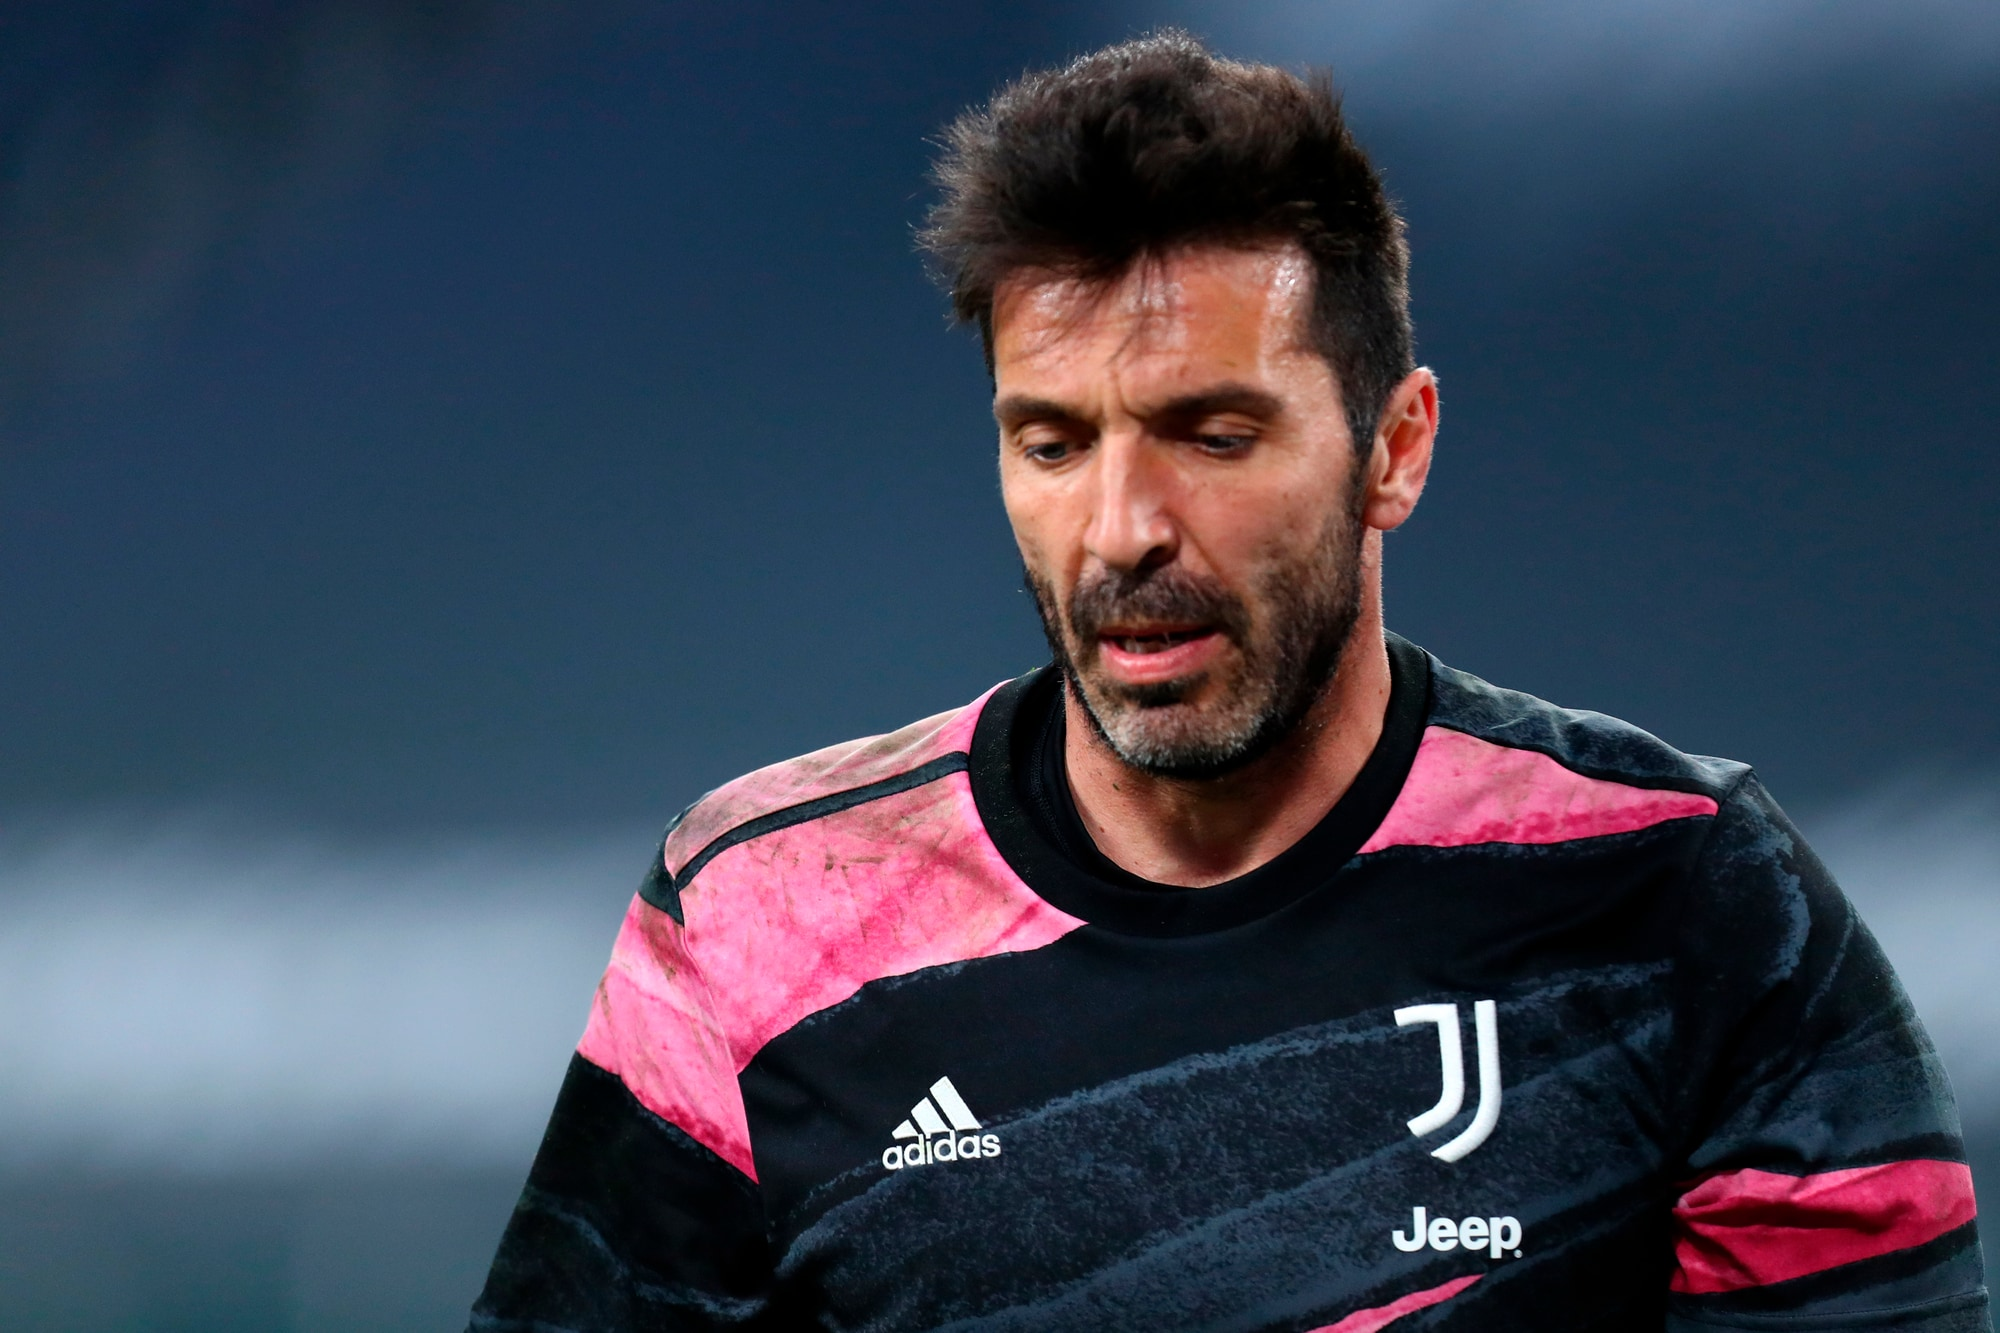 Calciomercato Juve, se Buffon lascia ha cinque opzioni